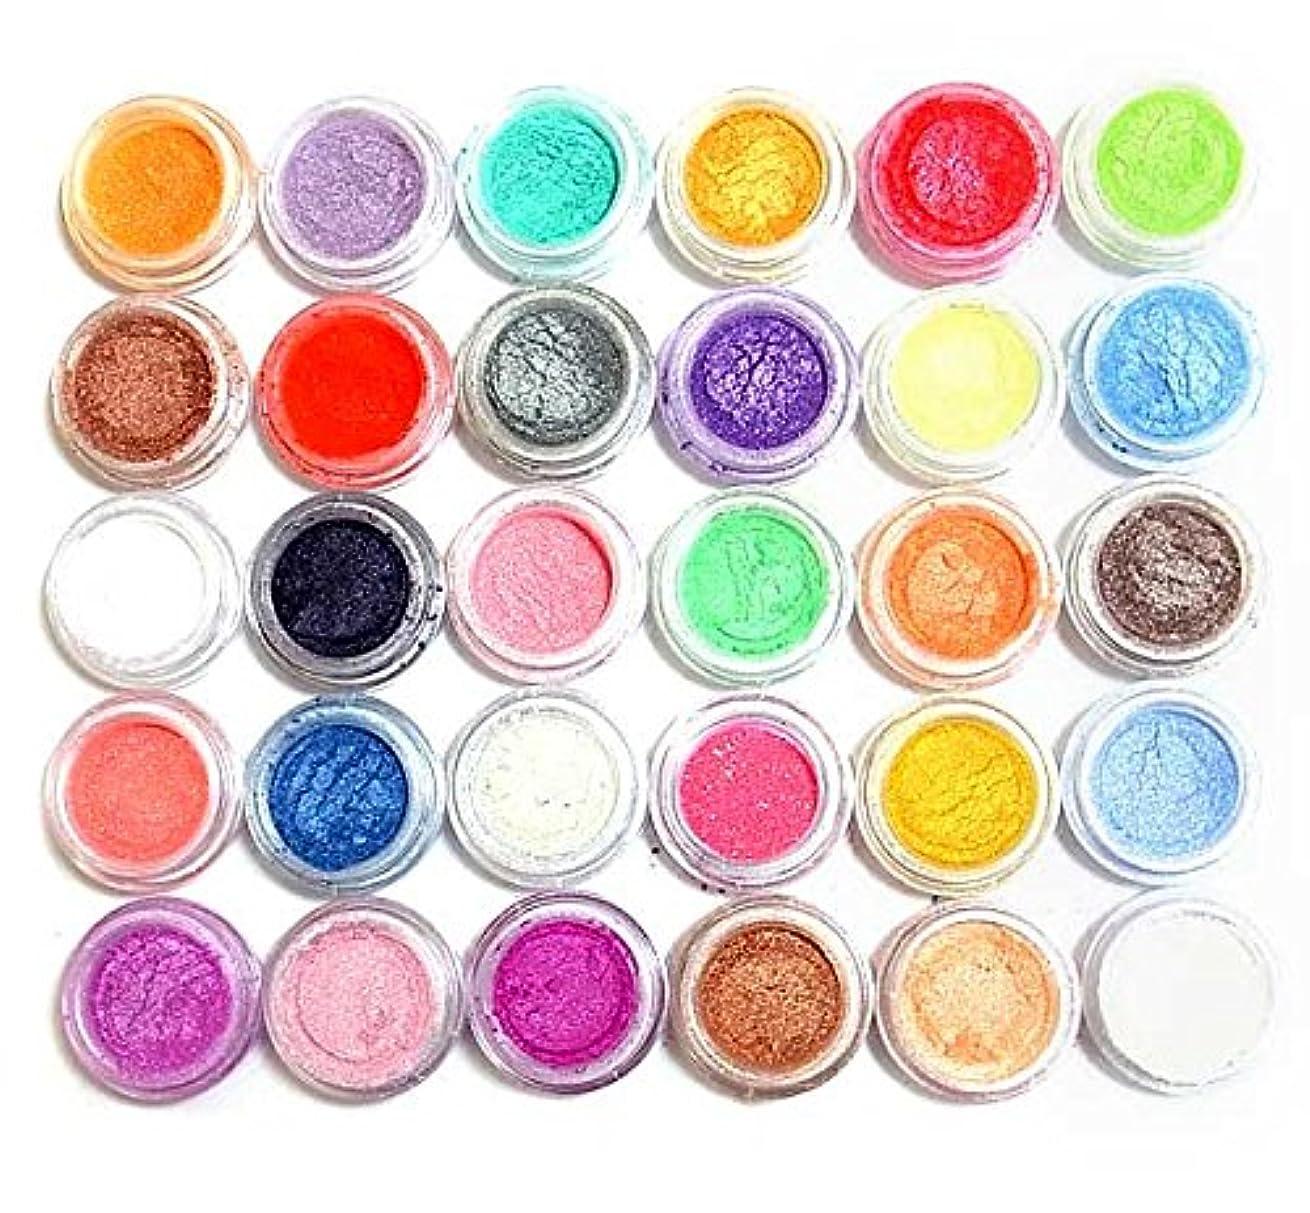 委任する自体なんとなく【新色】カラーパウダー顔料30色セット?クリアジェルに混ぜてパールカラージェルに!